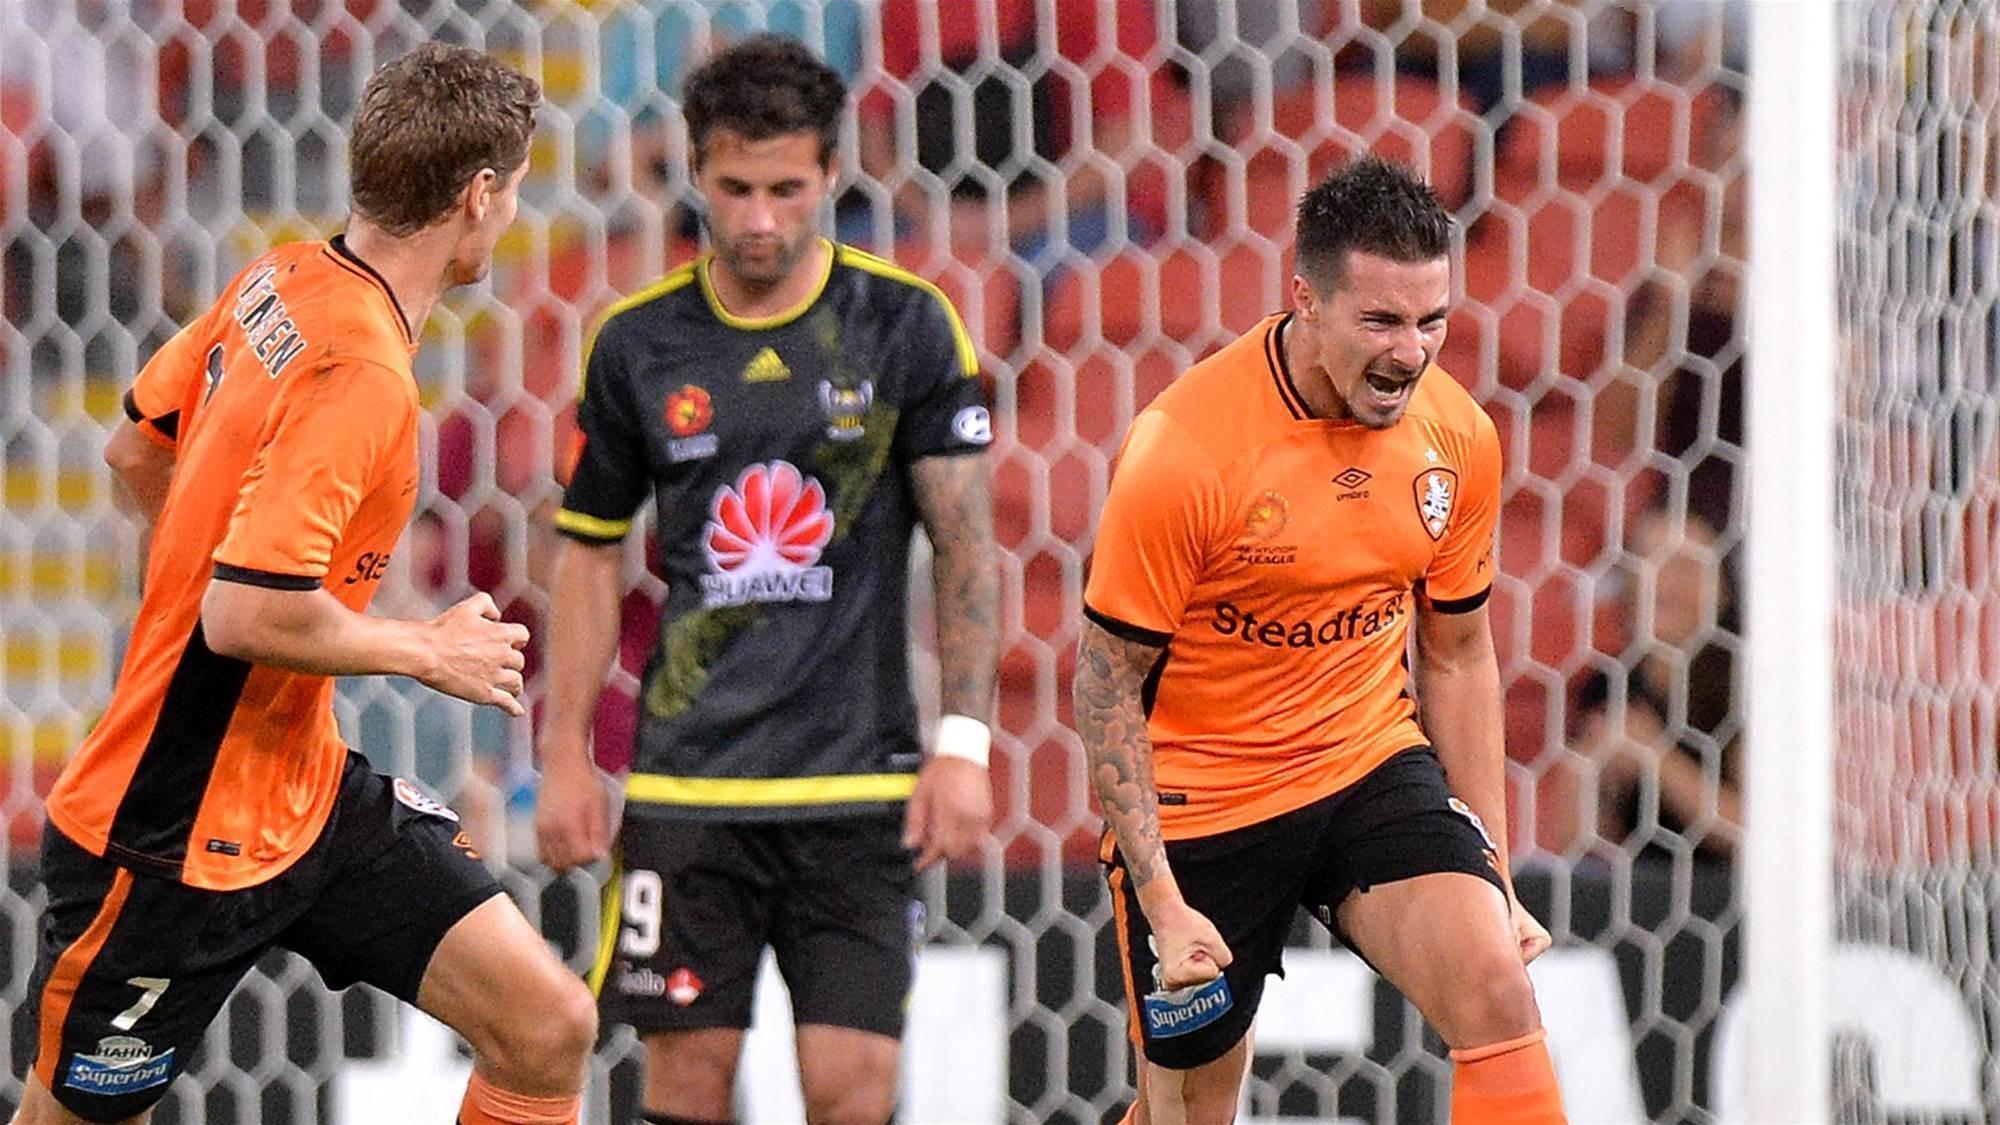 Win a warning shot to rivals - Maclaren